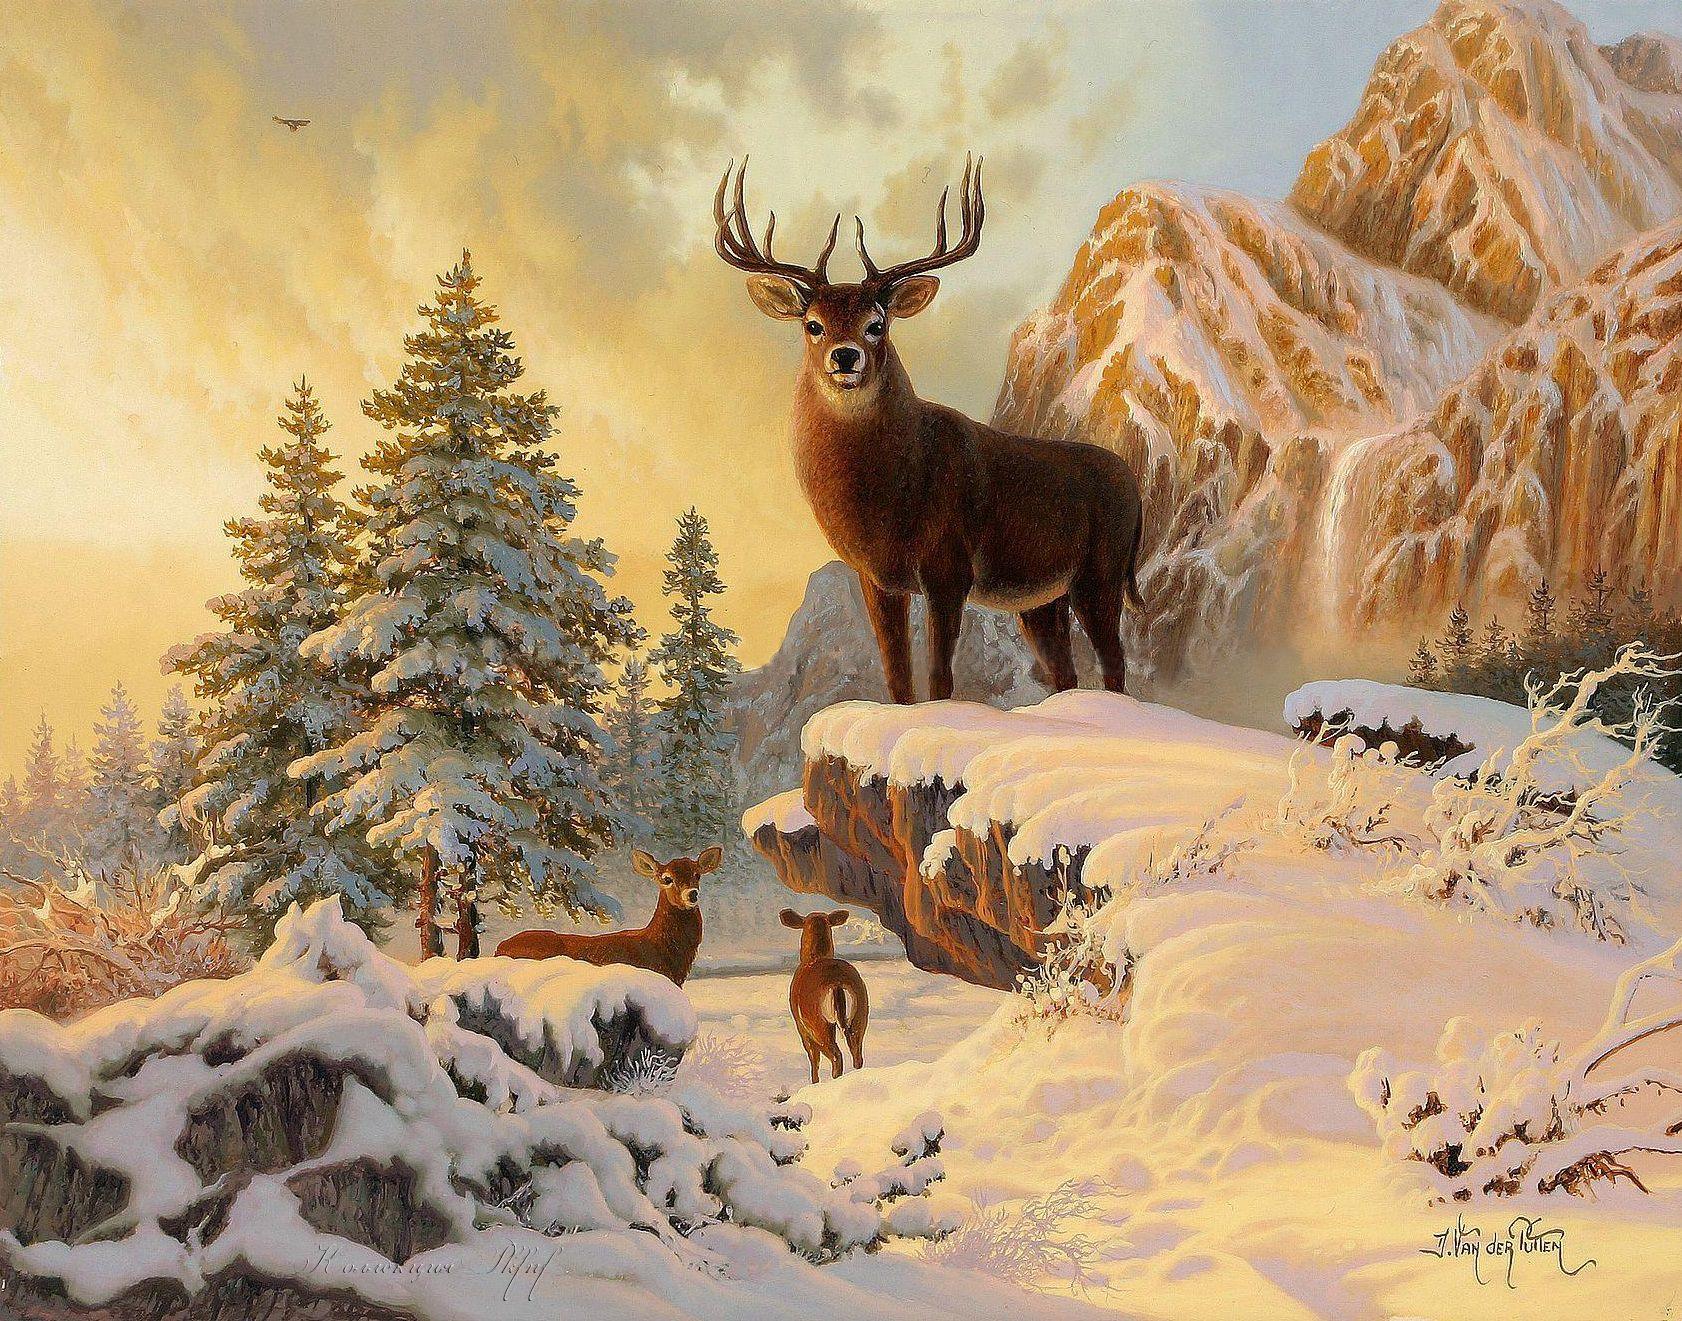 всей картинка с зимним пейзажем с одним домиком и оленями виде